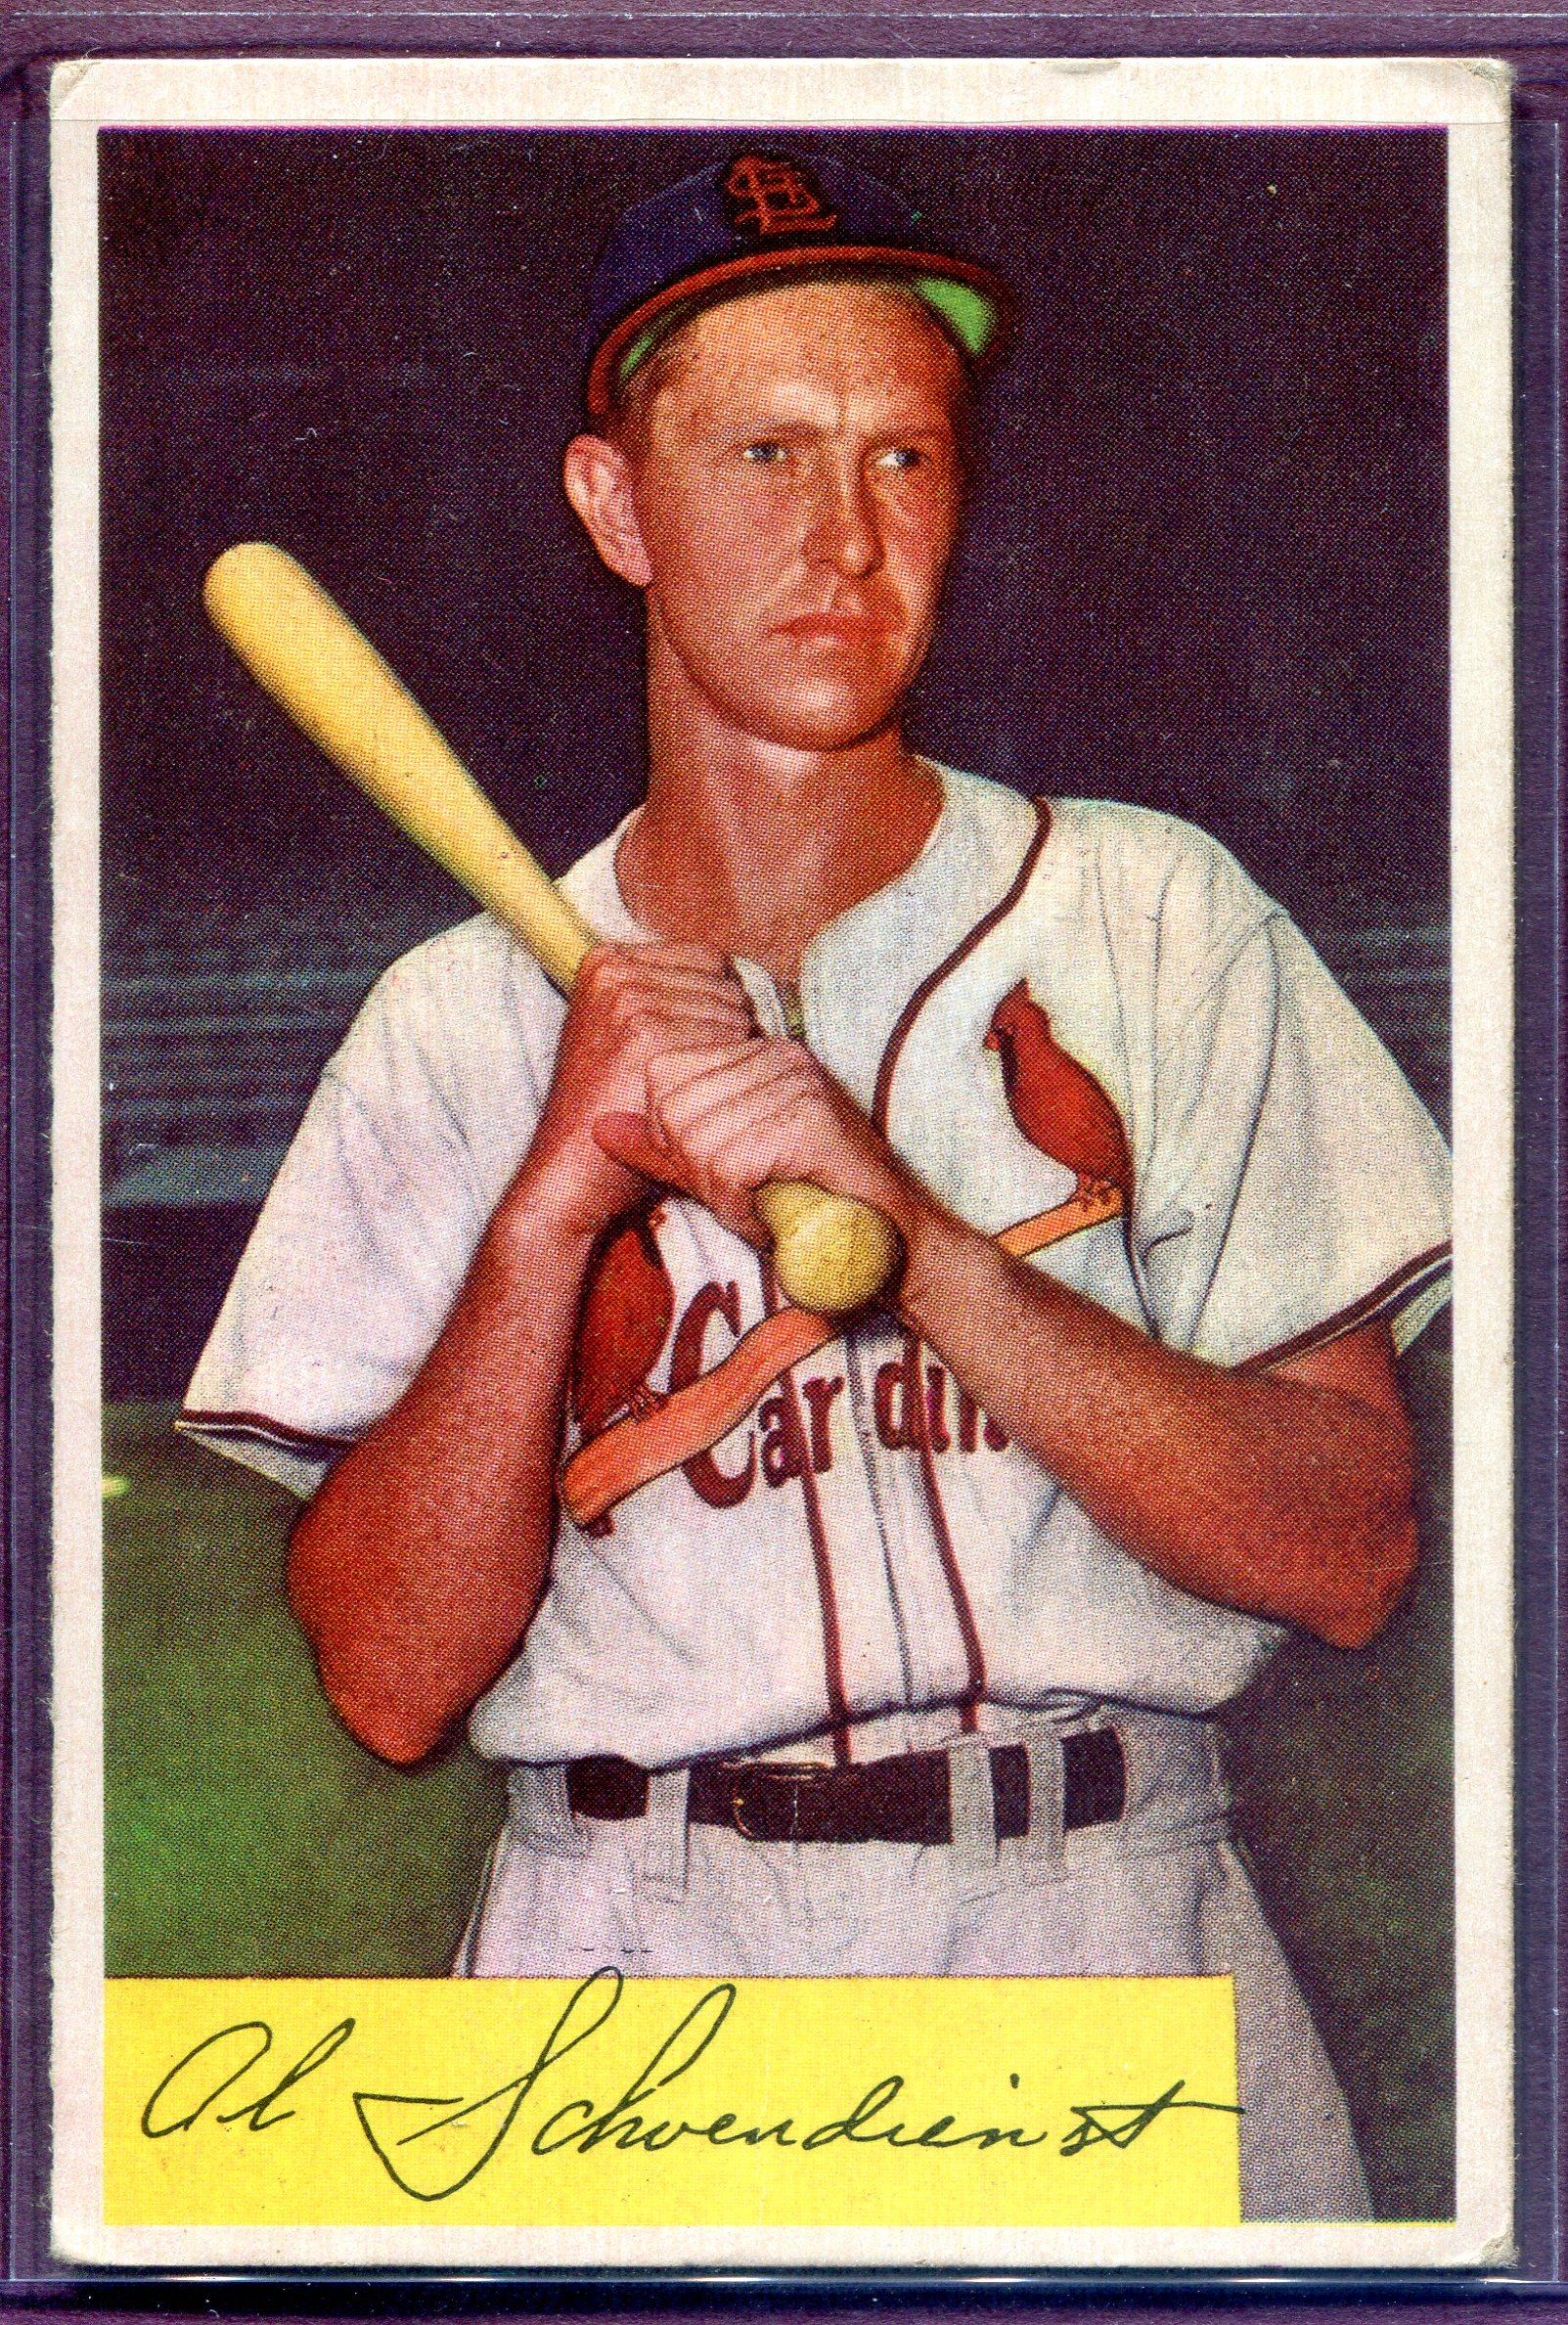 1954 Bowman #110 Red Schoendienst